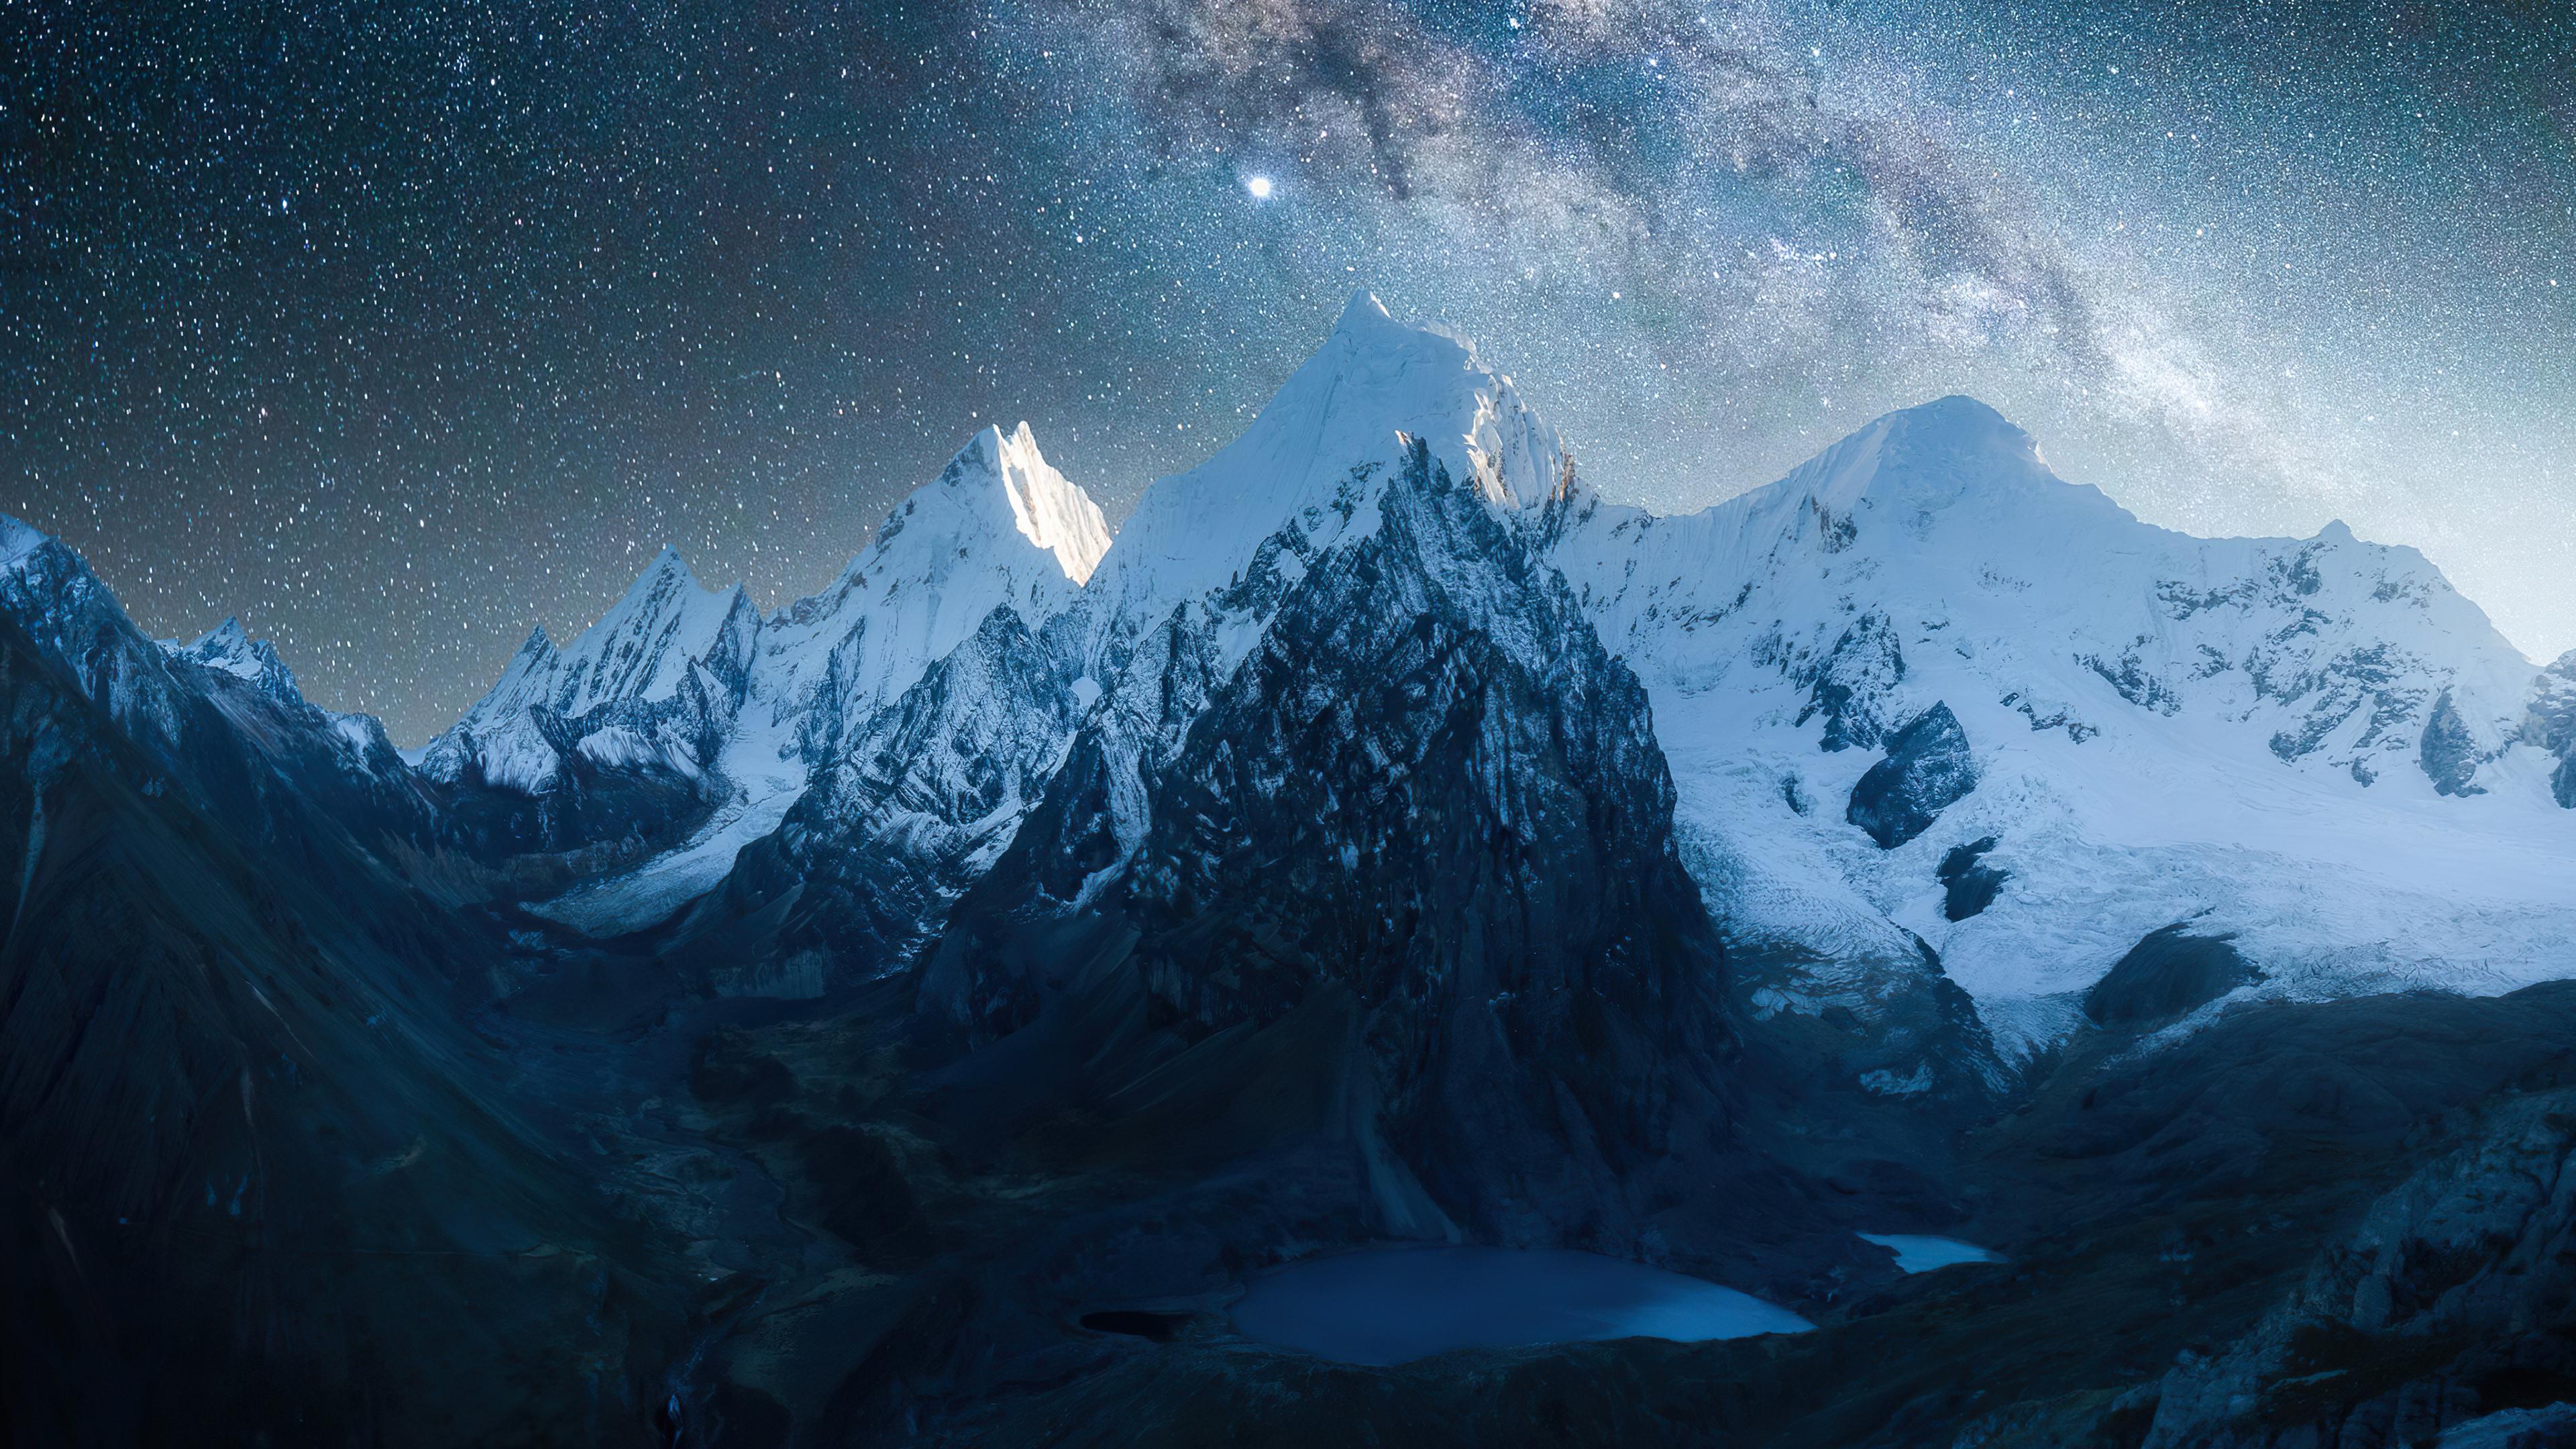 Fondos de pantalla Montañas llenas de nieve bajo las estrellas